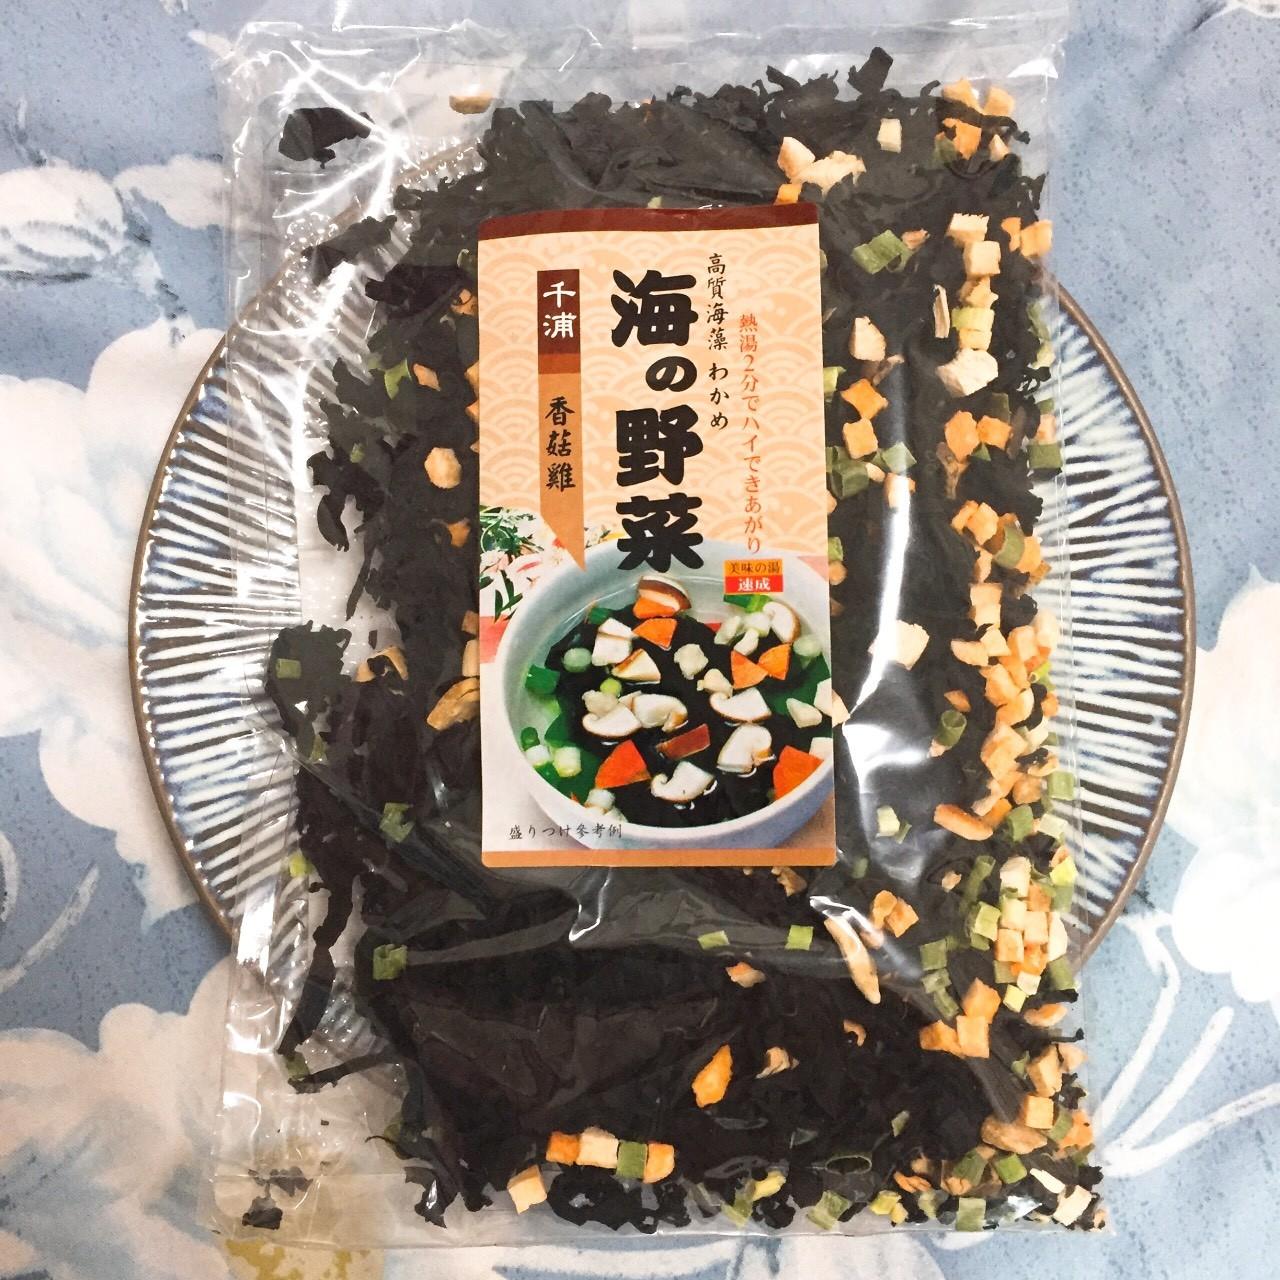 千浦海の野菜_有三種口味選擇(100g)